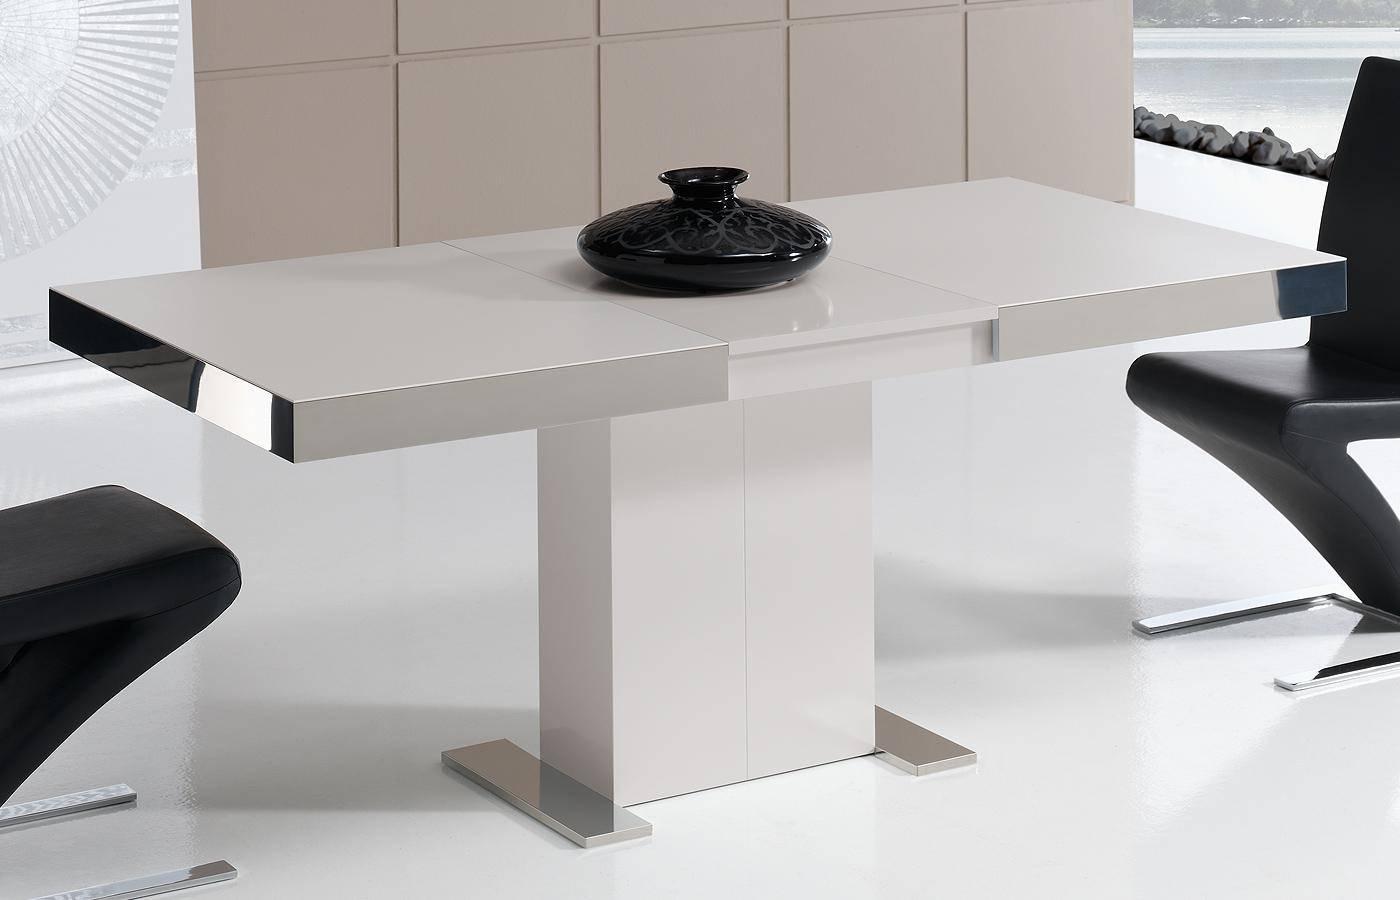 Mesa de comedor kaly porcel nico dismobel for Mesas de comedor becara